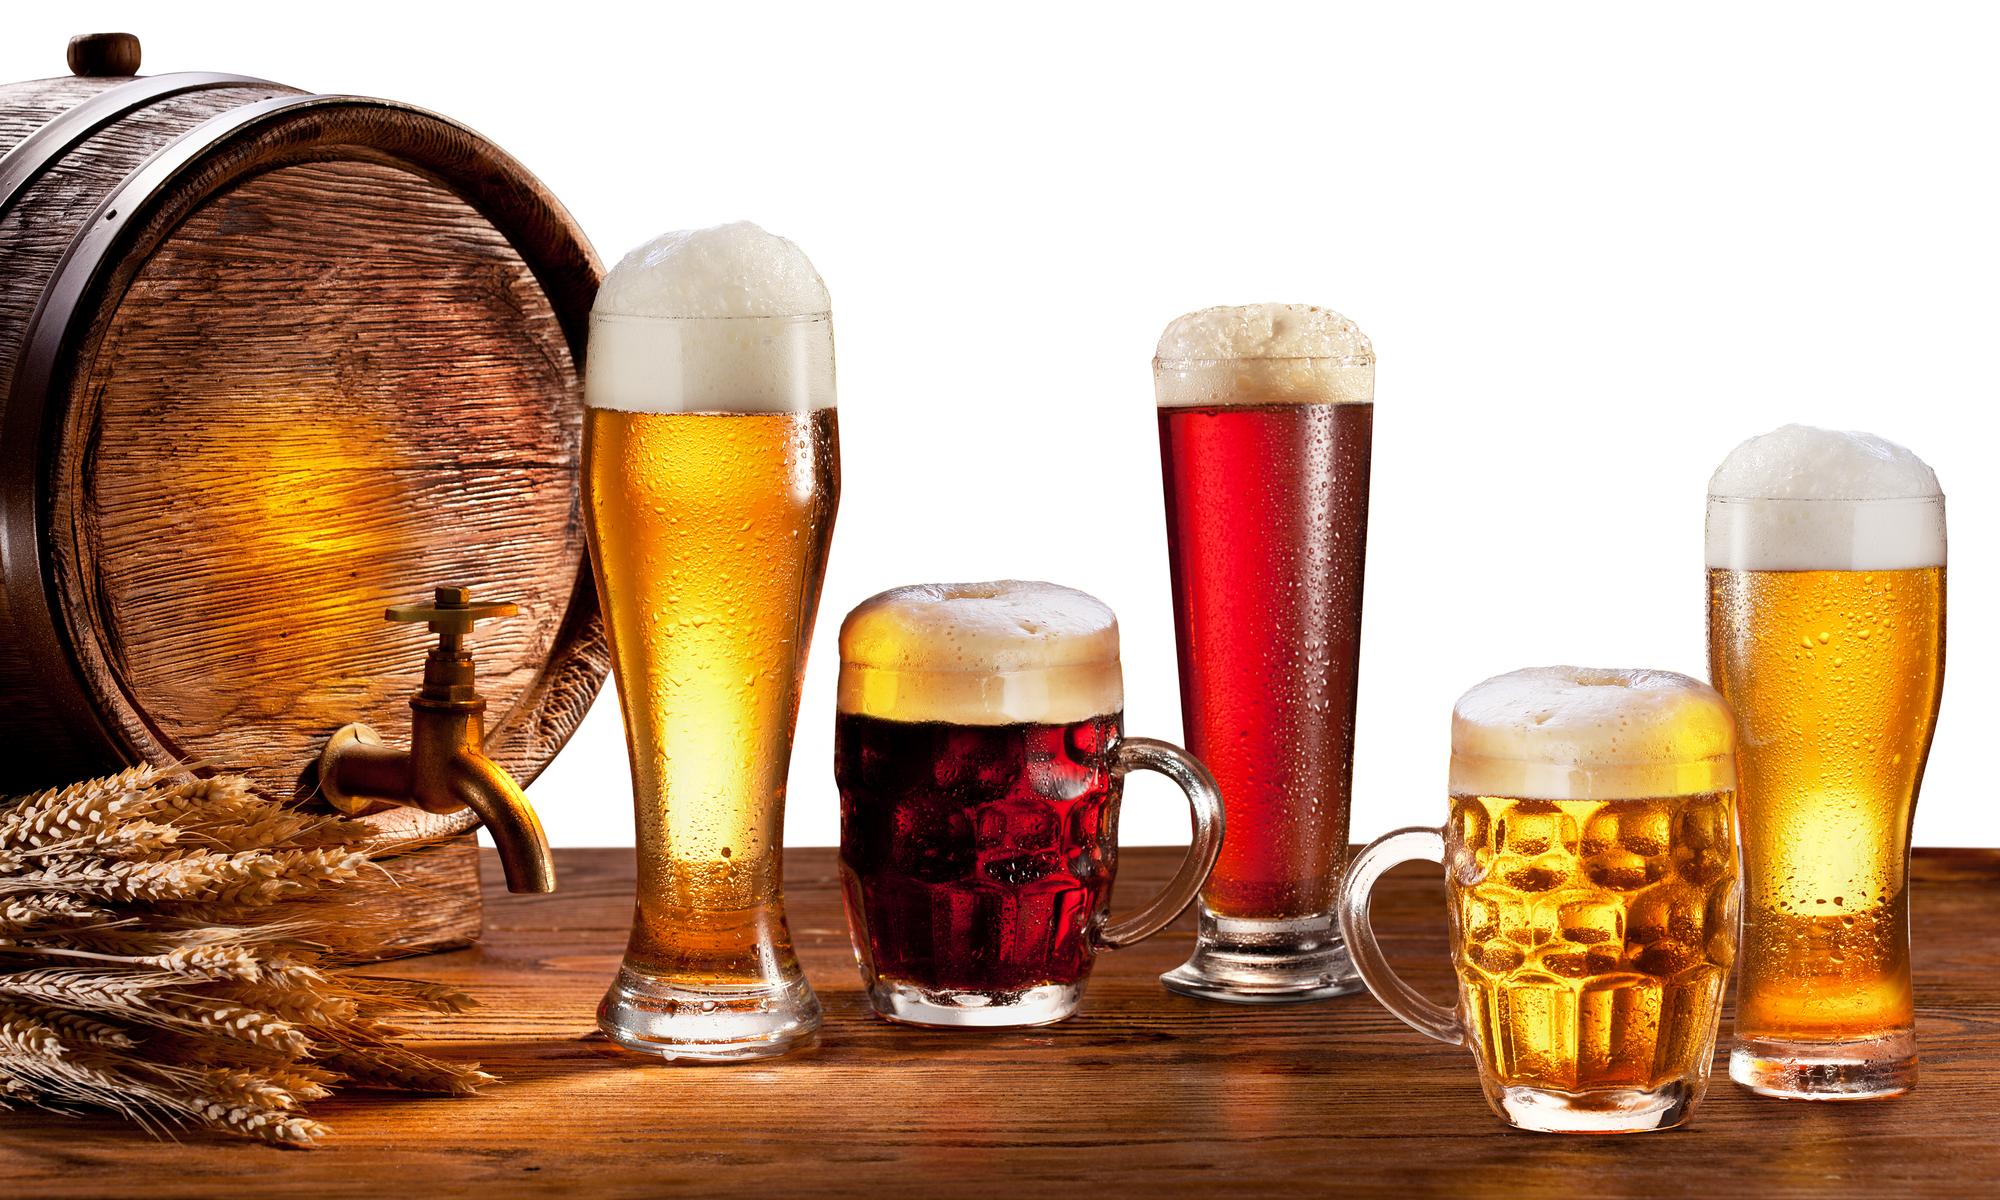 Domácí vaření piva je skutečně kreativní. Potřeby pro pivovarníky vám pomohou vyrobit si doma různé druhy piv.